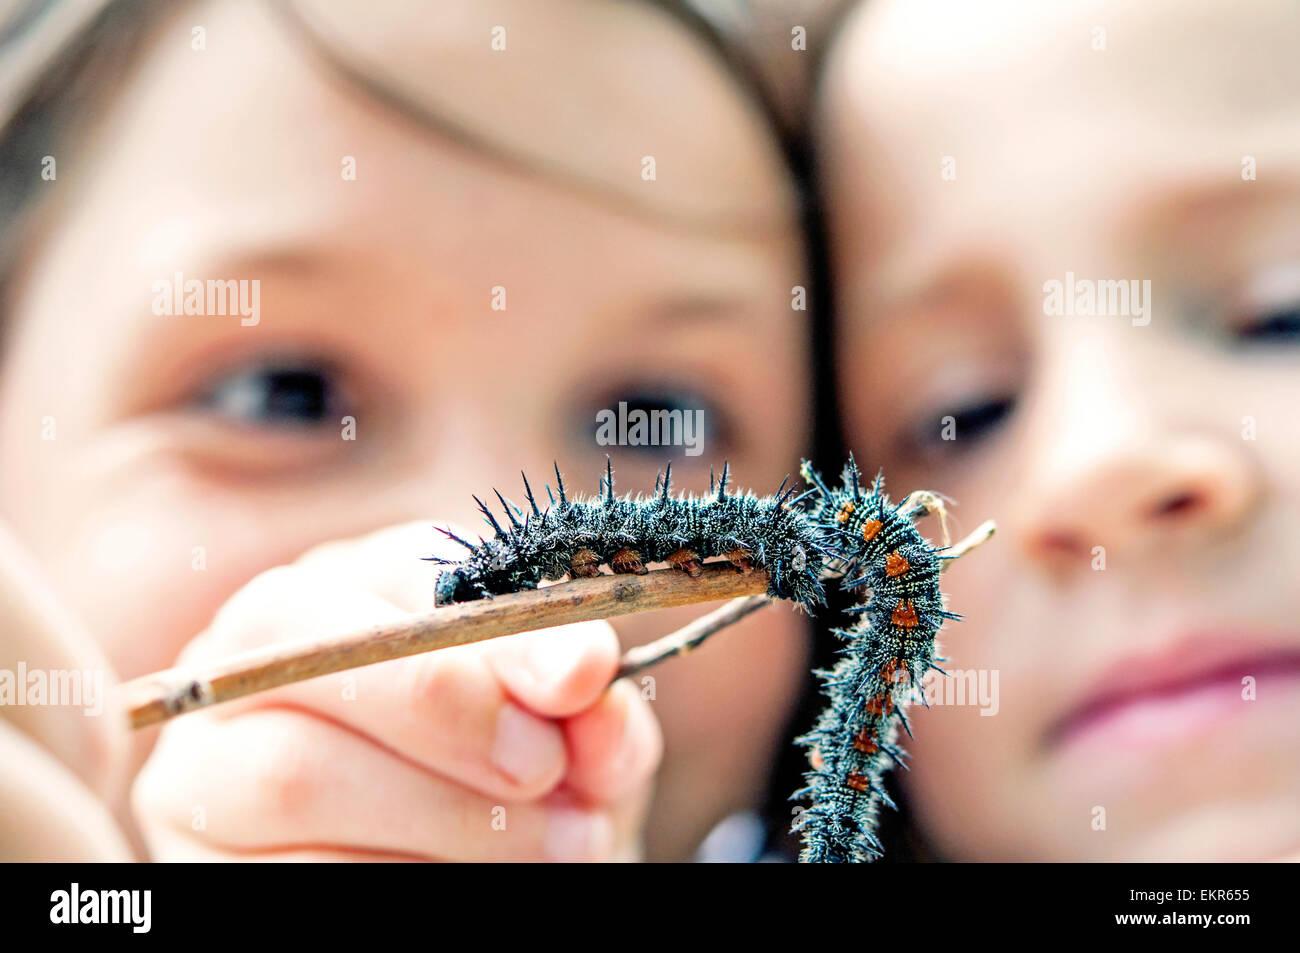 Bambini esaminare worm su un ramo Immagini Stock